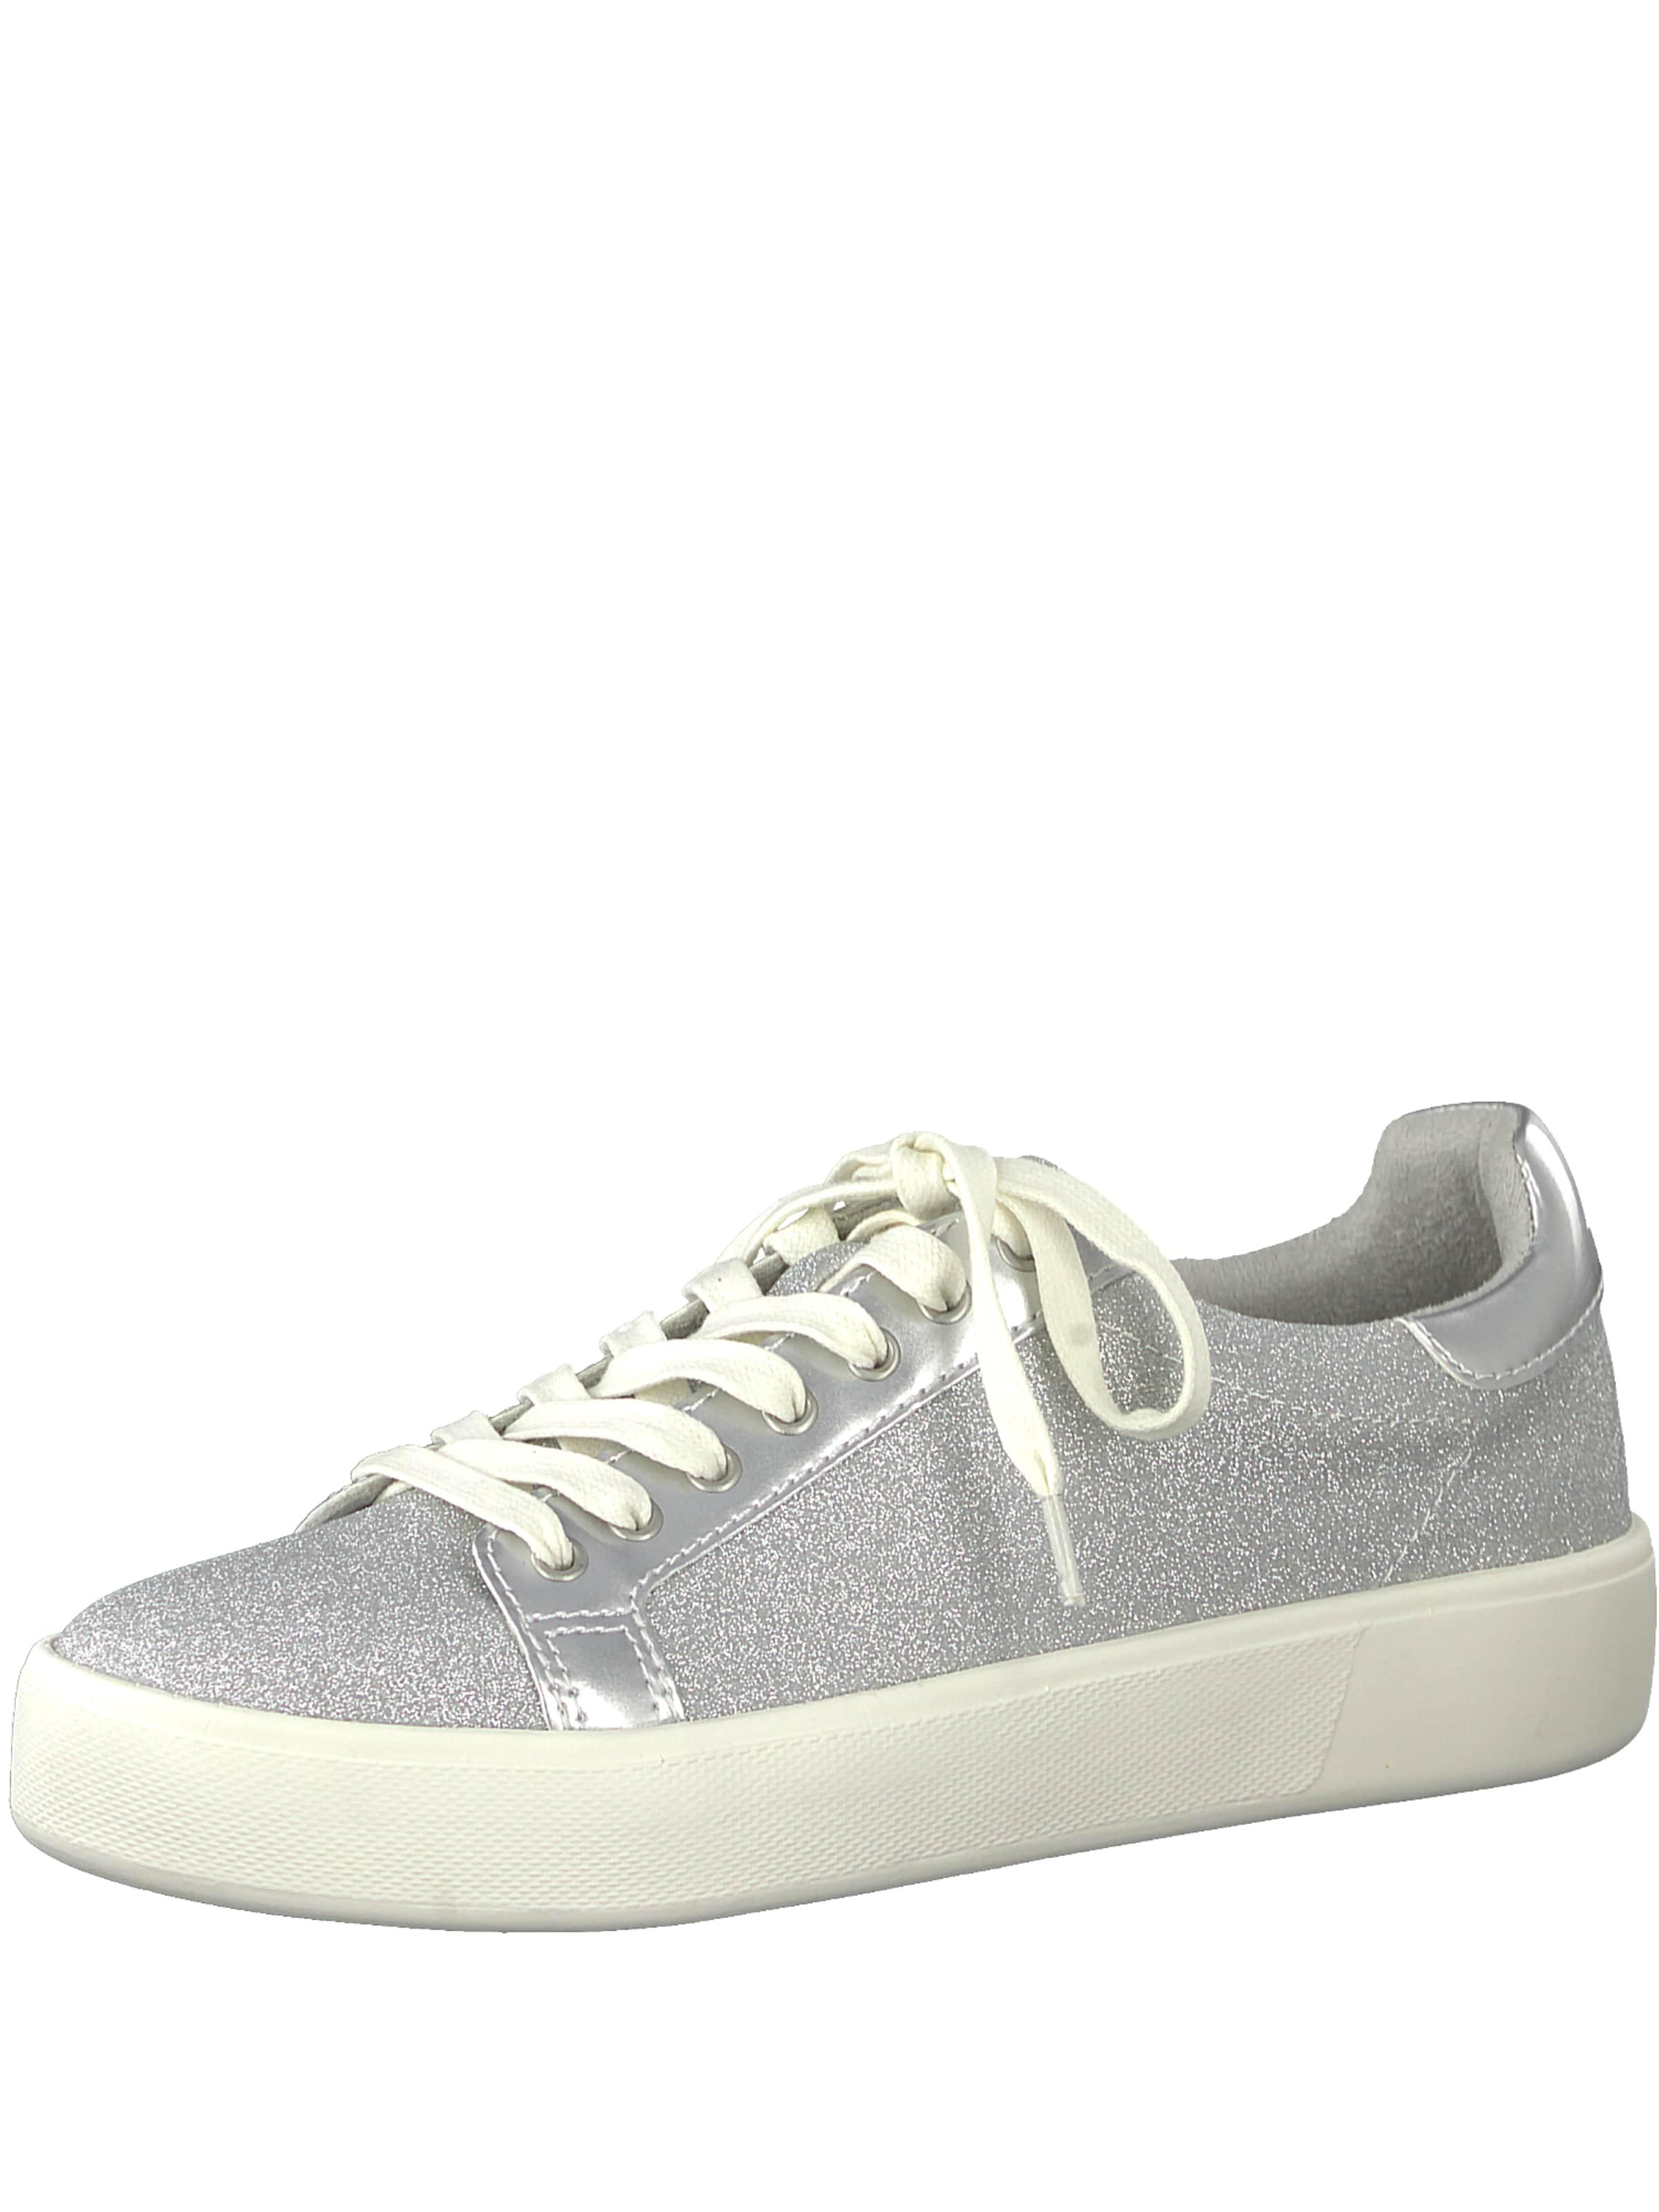 In Silber Sneaker Tamaris Sneaker Tamaris F1cKlJ3T